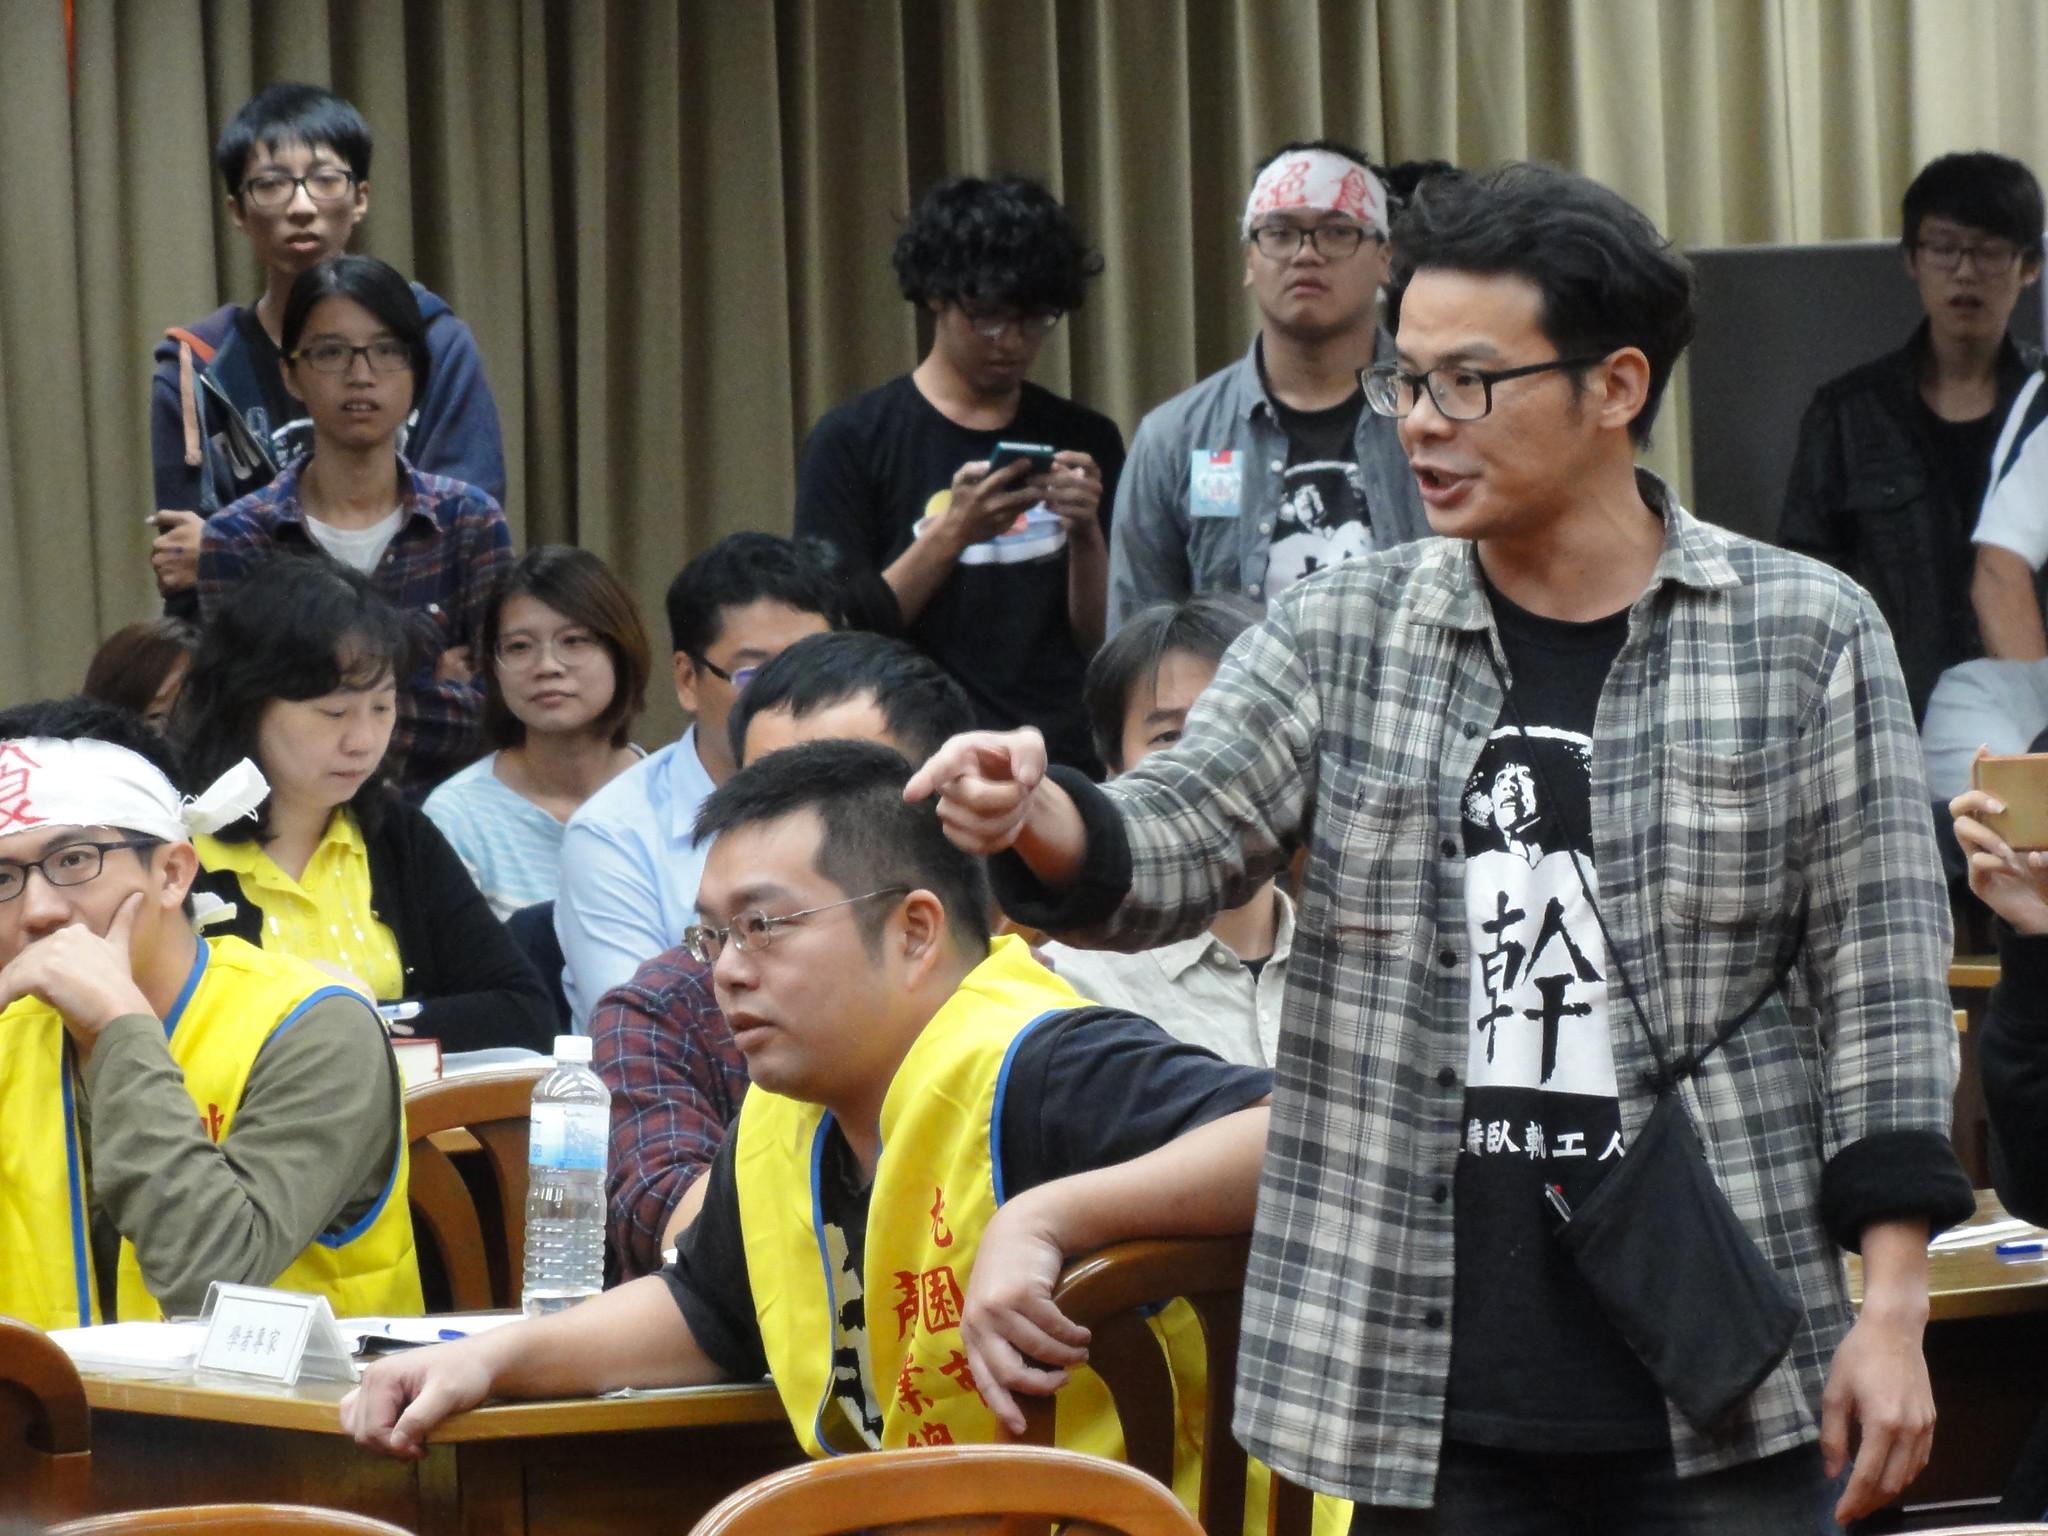 工鬥成員盧其宏憤怒質問這場已經預設砍假的公聽會的意義何在。(攝影:張智琦)